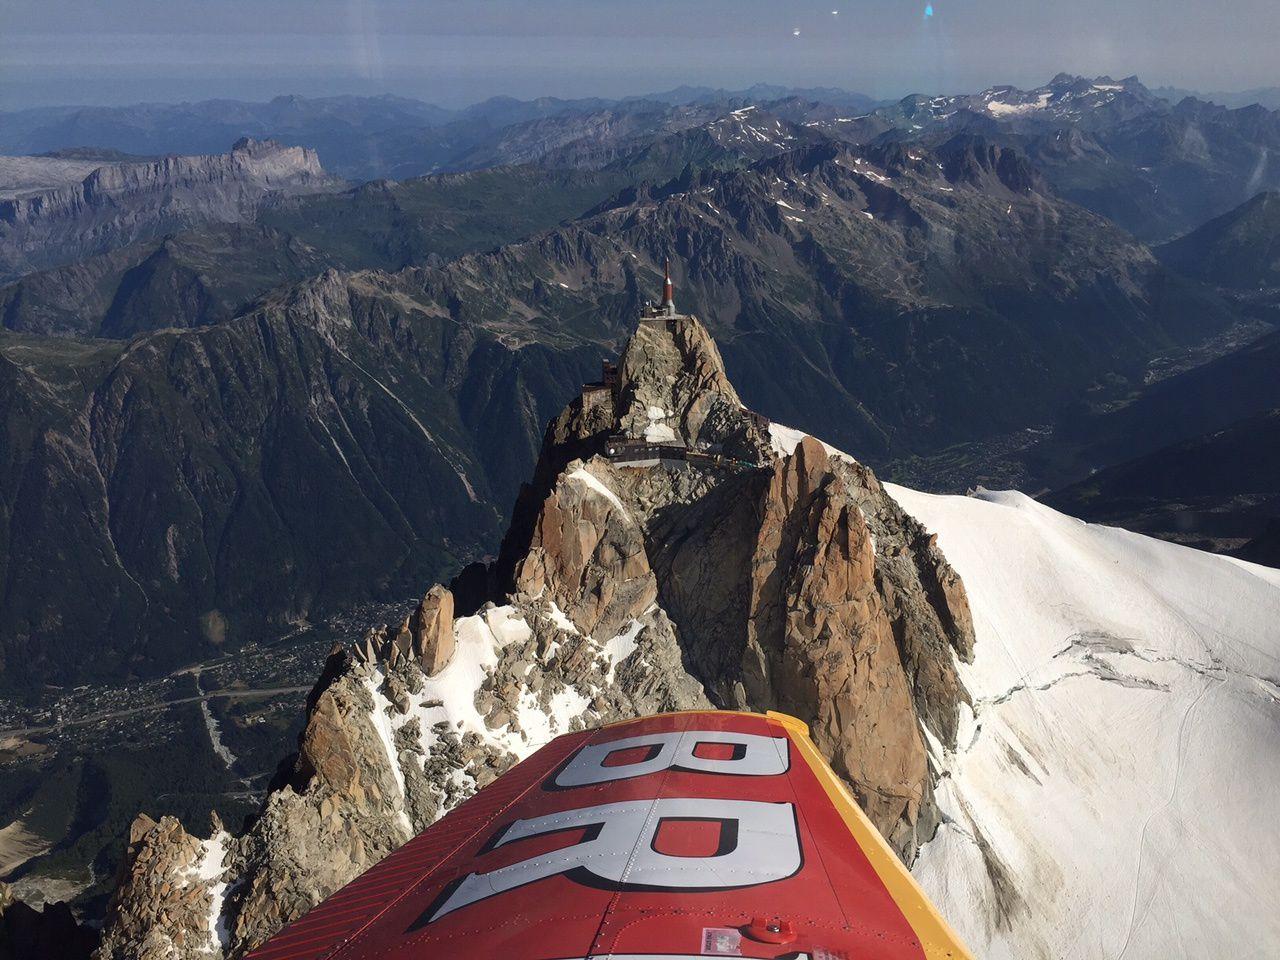 Vidéo du survol de l'Aiguille-du-Midi (Mont-Blanc)